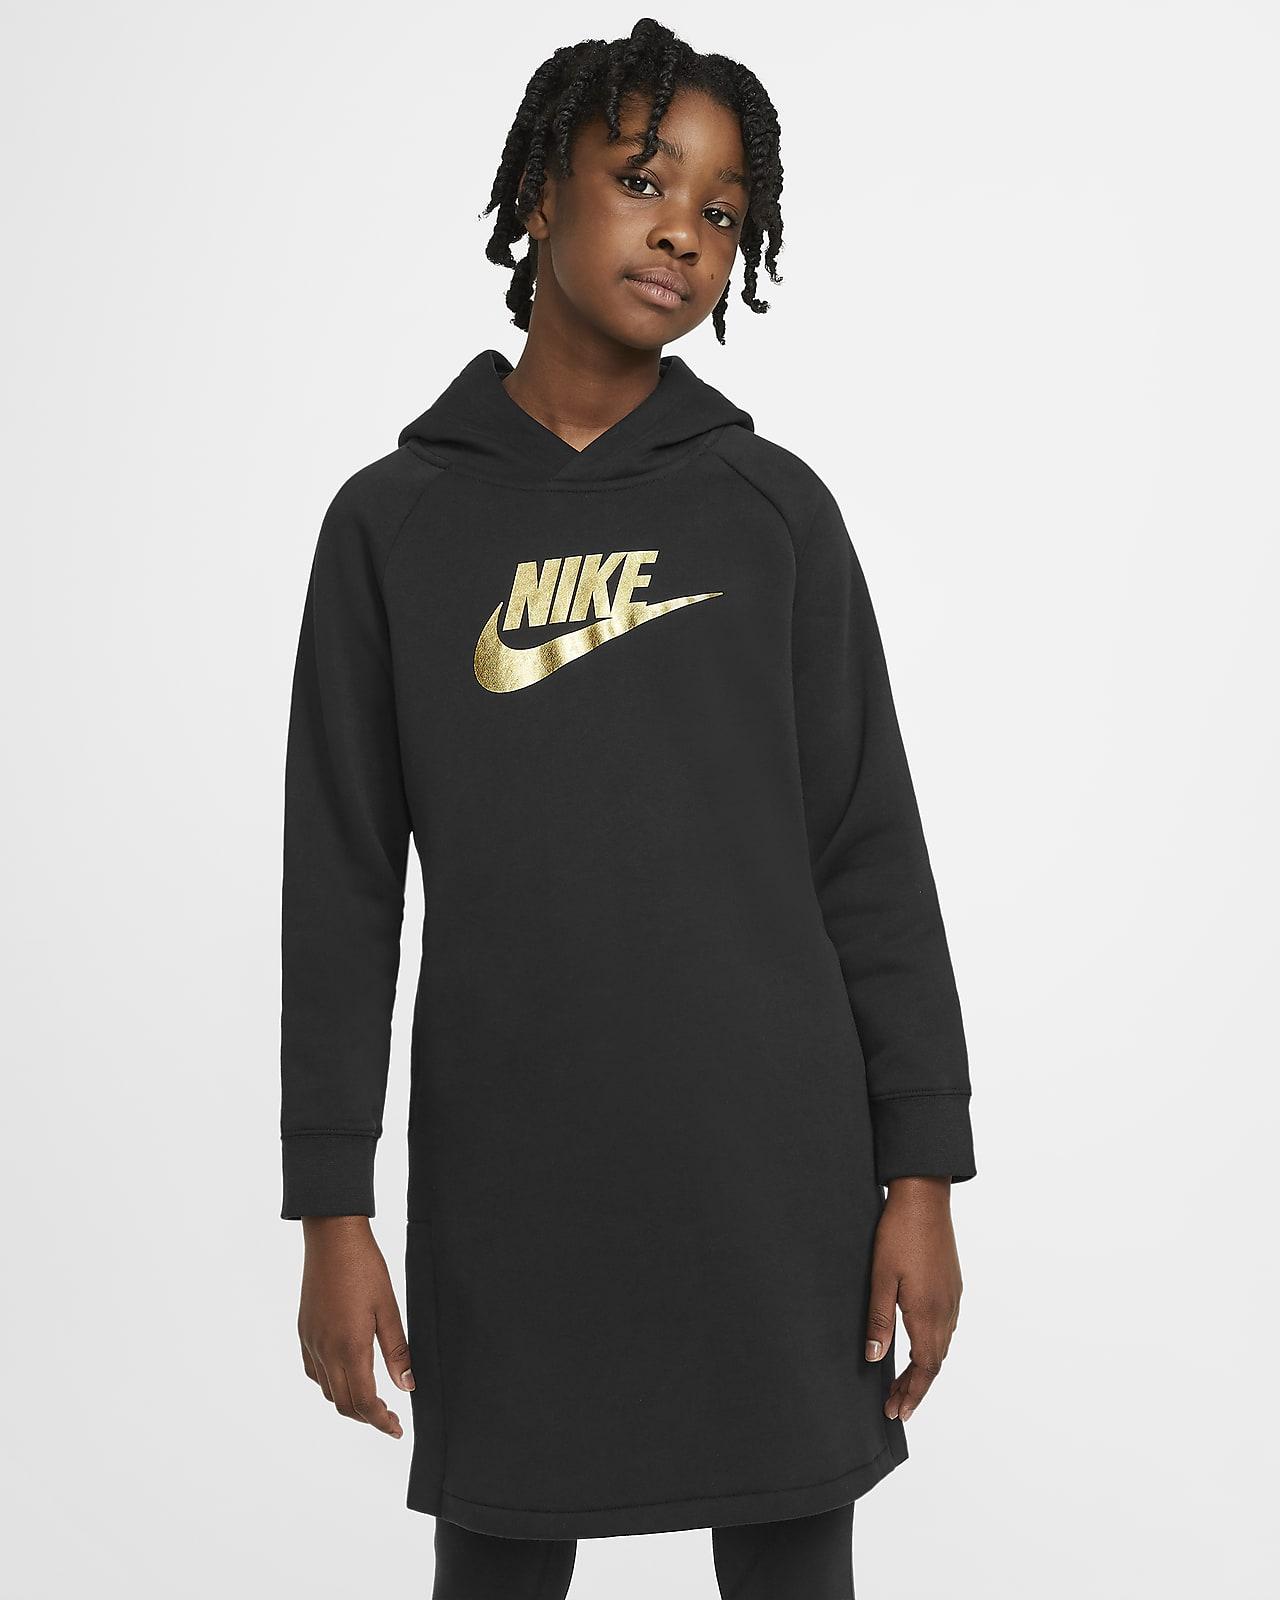 Платье-худи для девочек школьного возраста Nike Sportswear